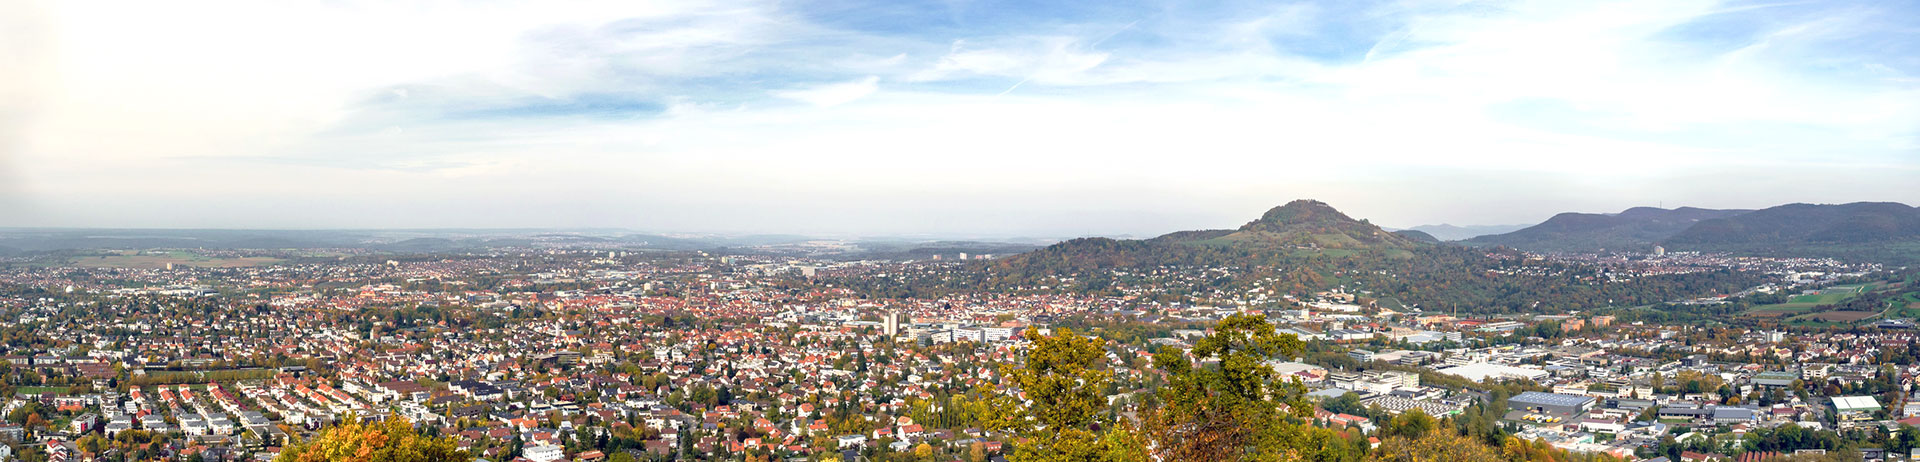 panorama-reutlingen-stadt